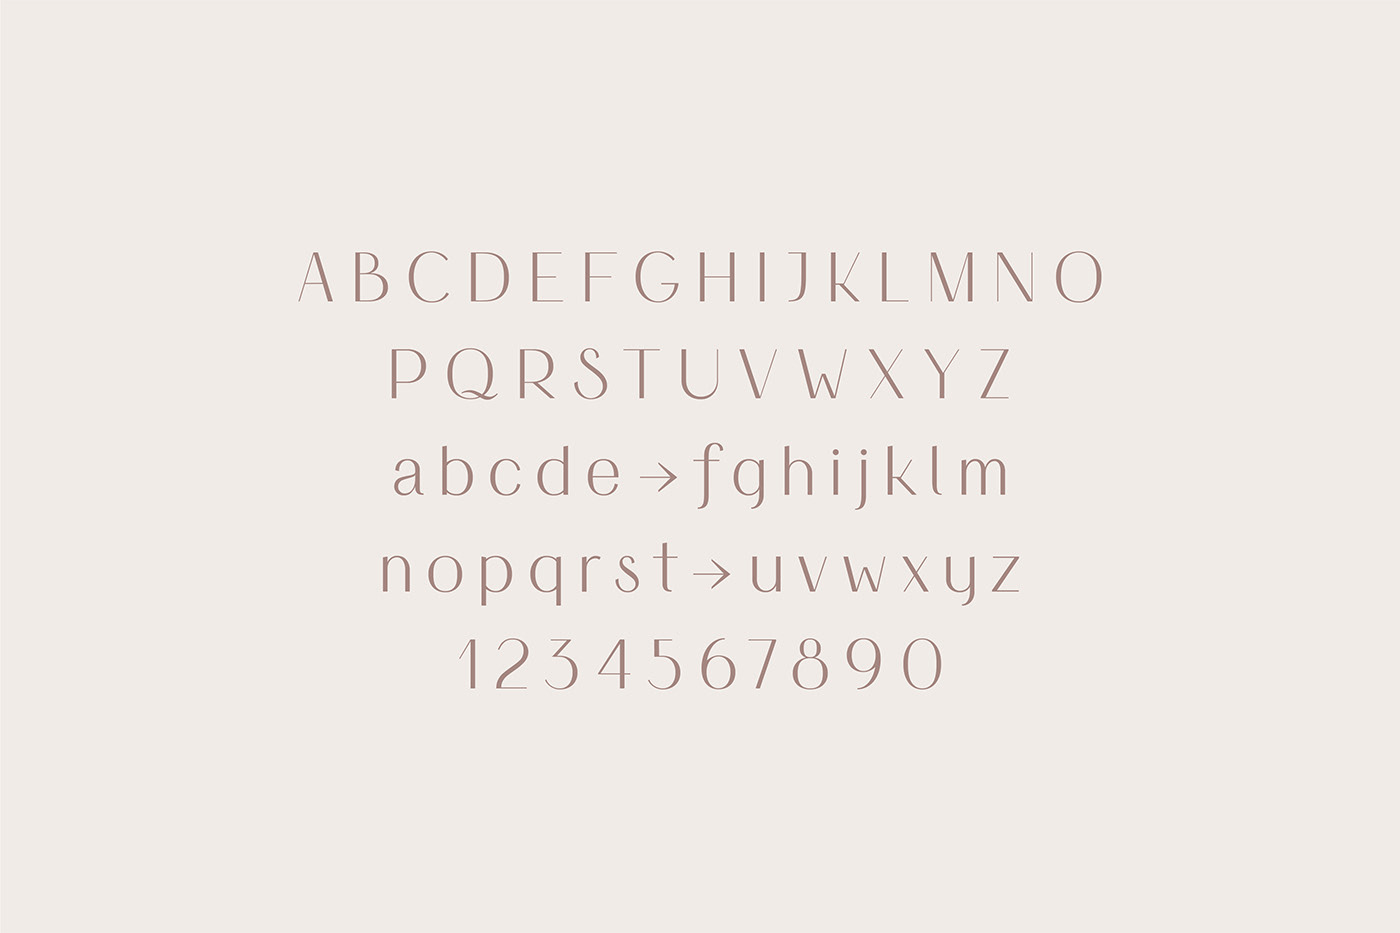 font fontduo Typeface type typography   branding  logo namecard brand Packaging